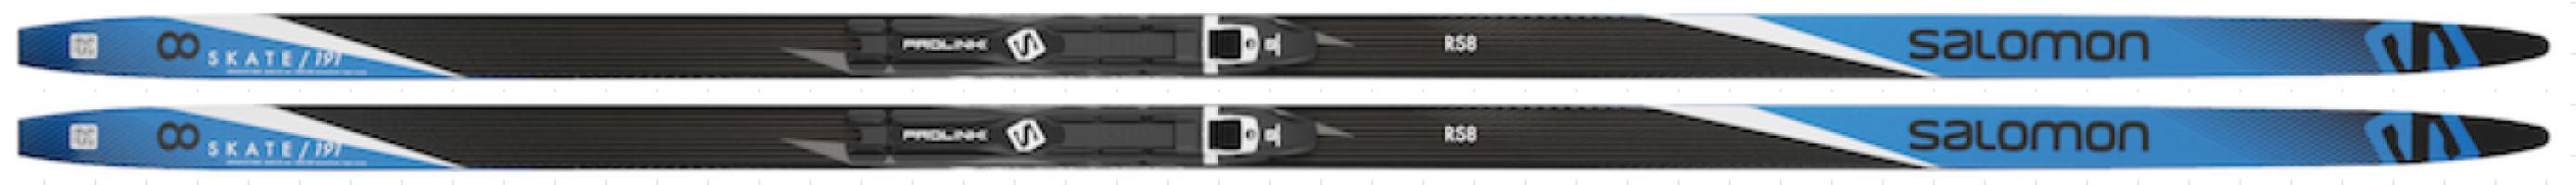 SALOMON RS8 SKATE - MODELL 2021/22